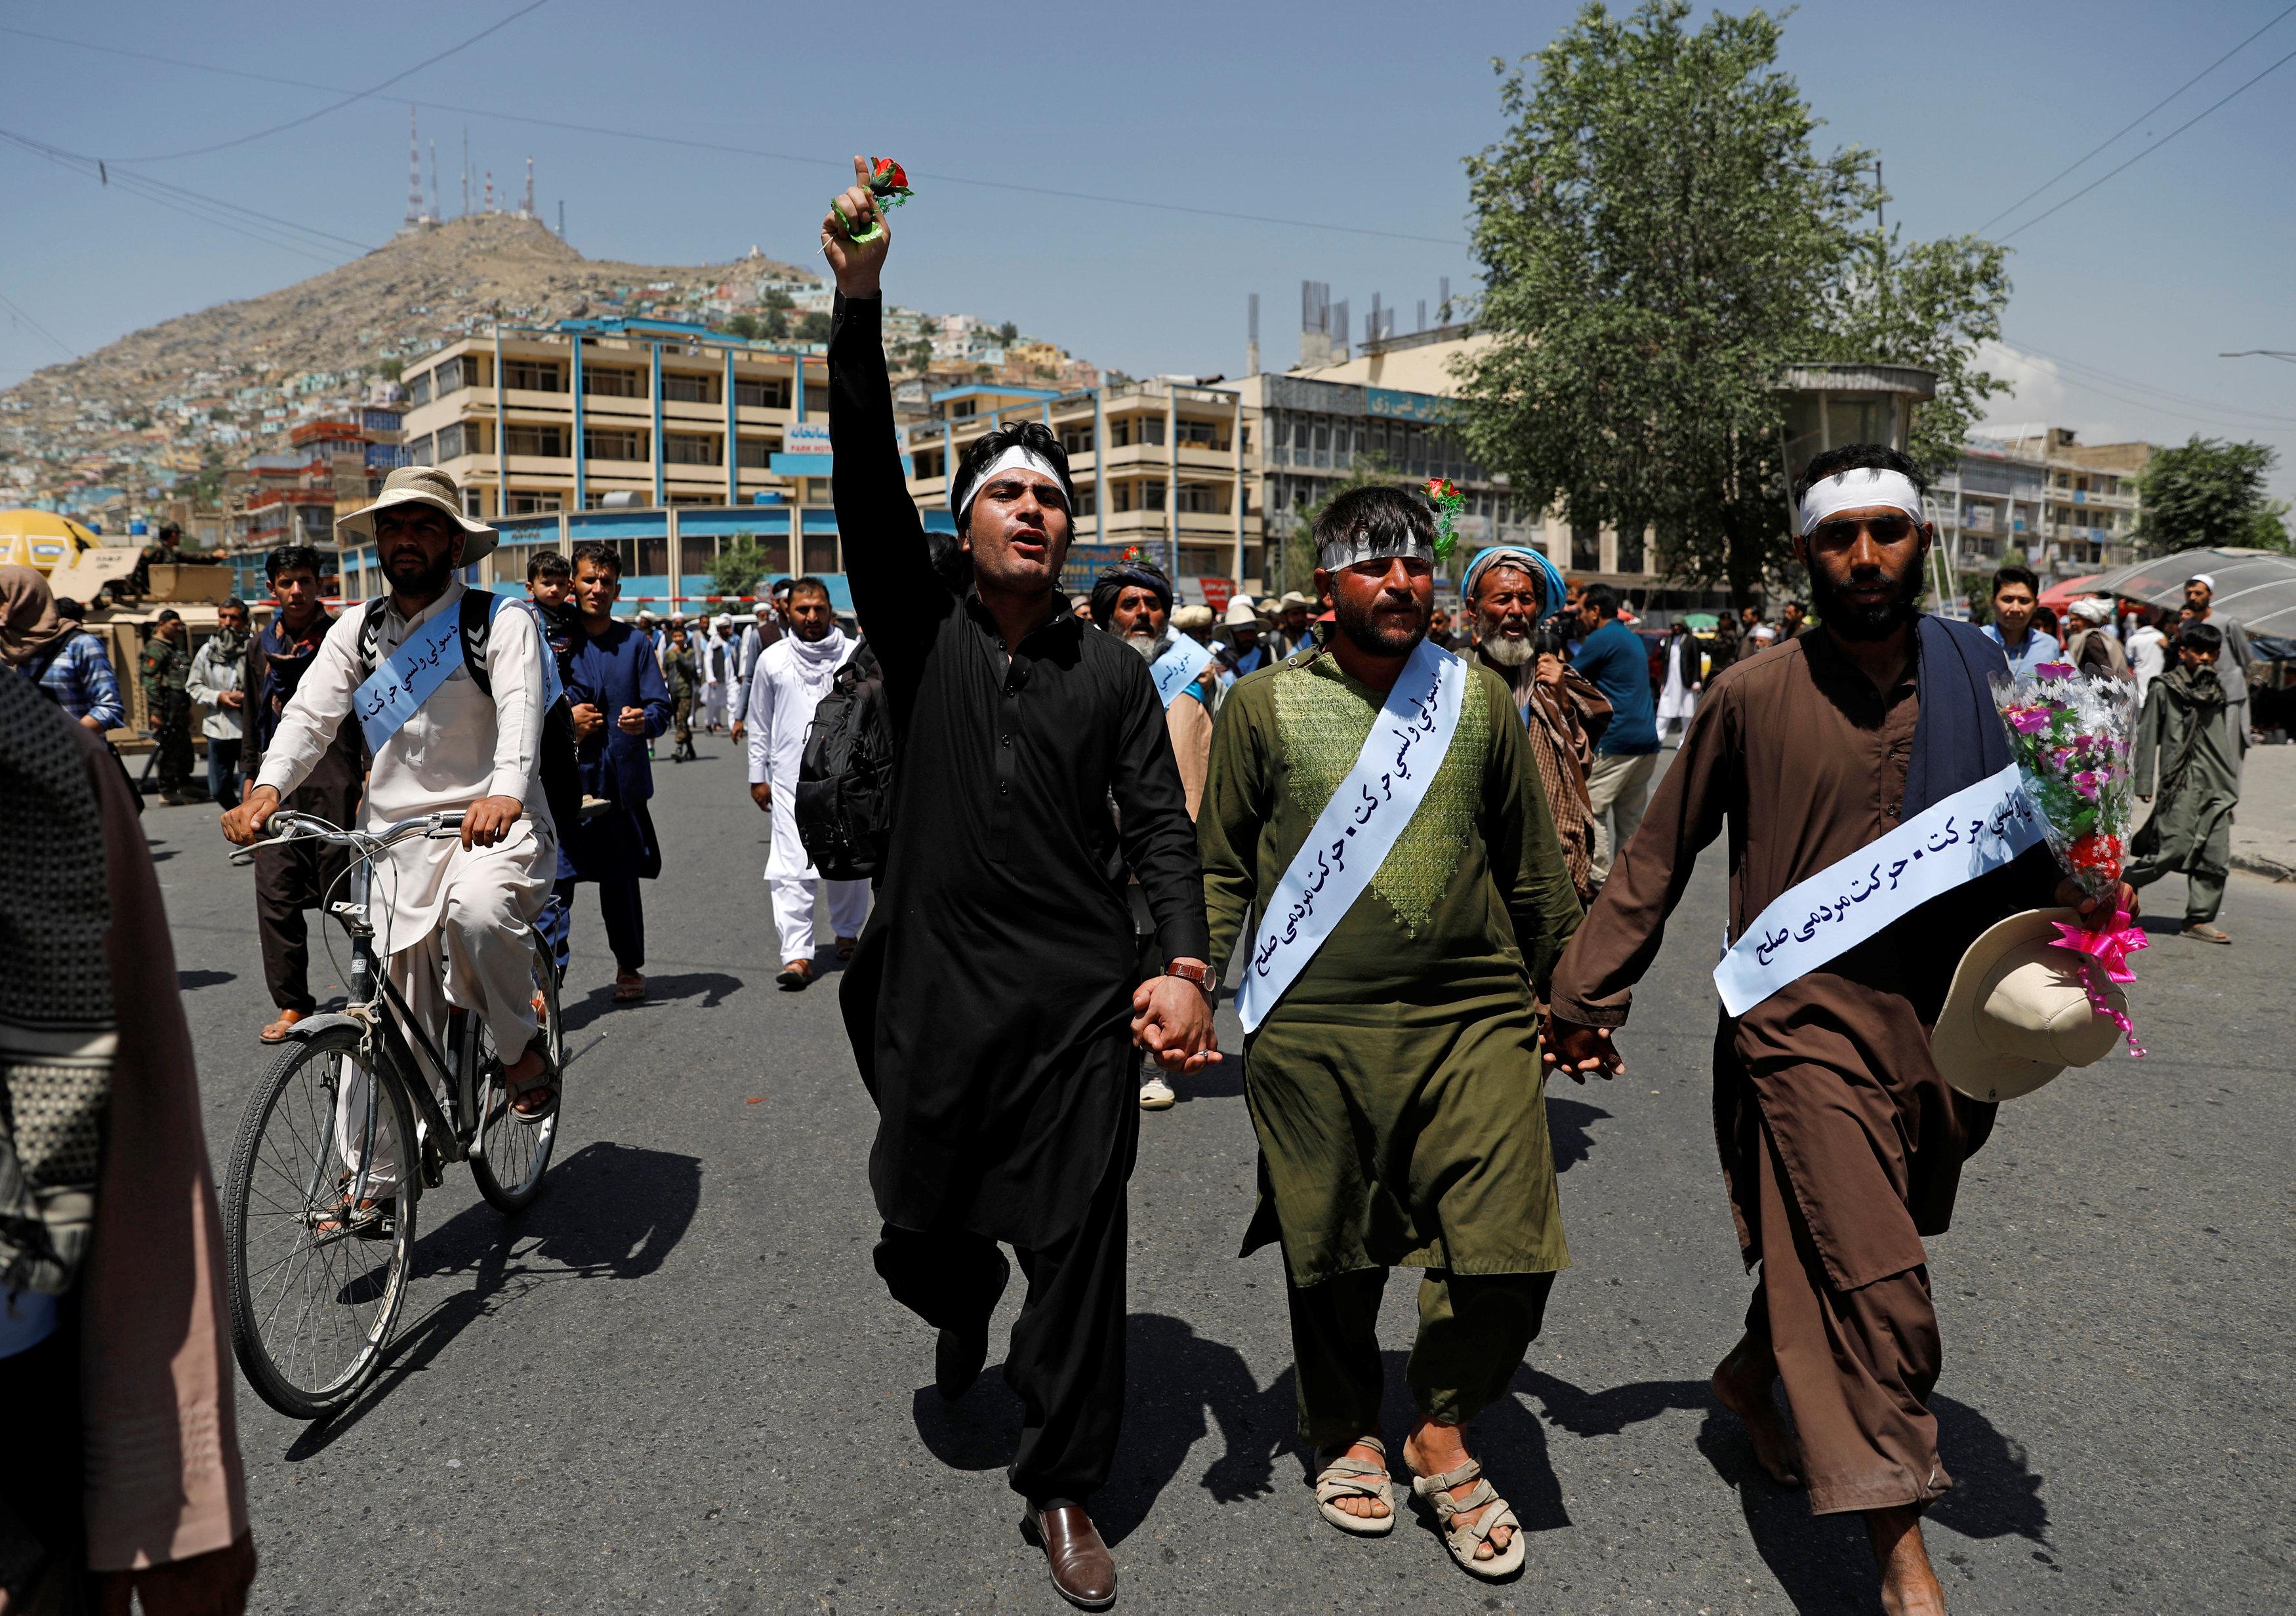 بعض المتظاهرين يحملون الزهور إشارة إلى السلام